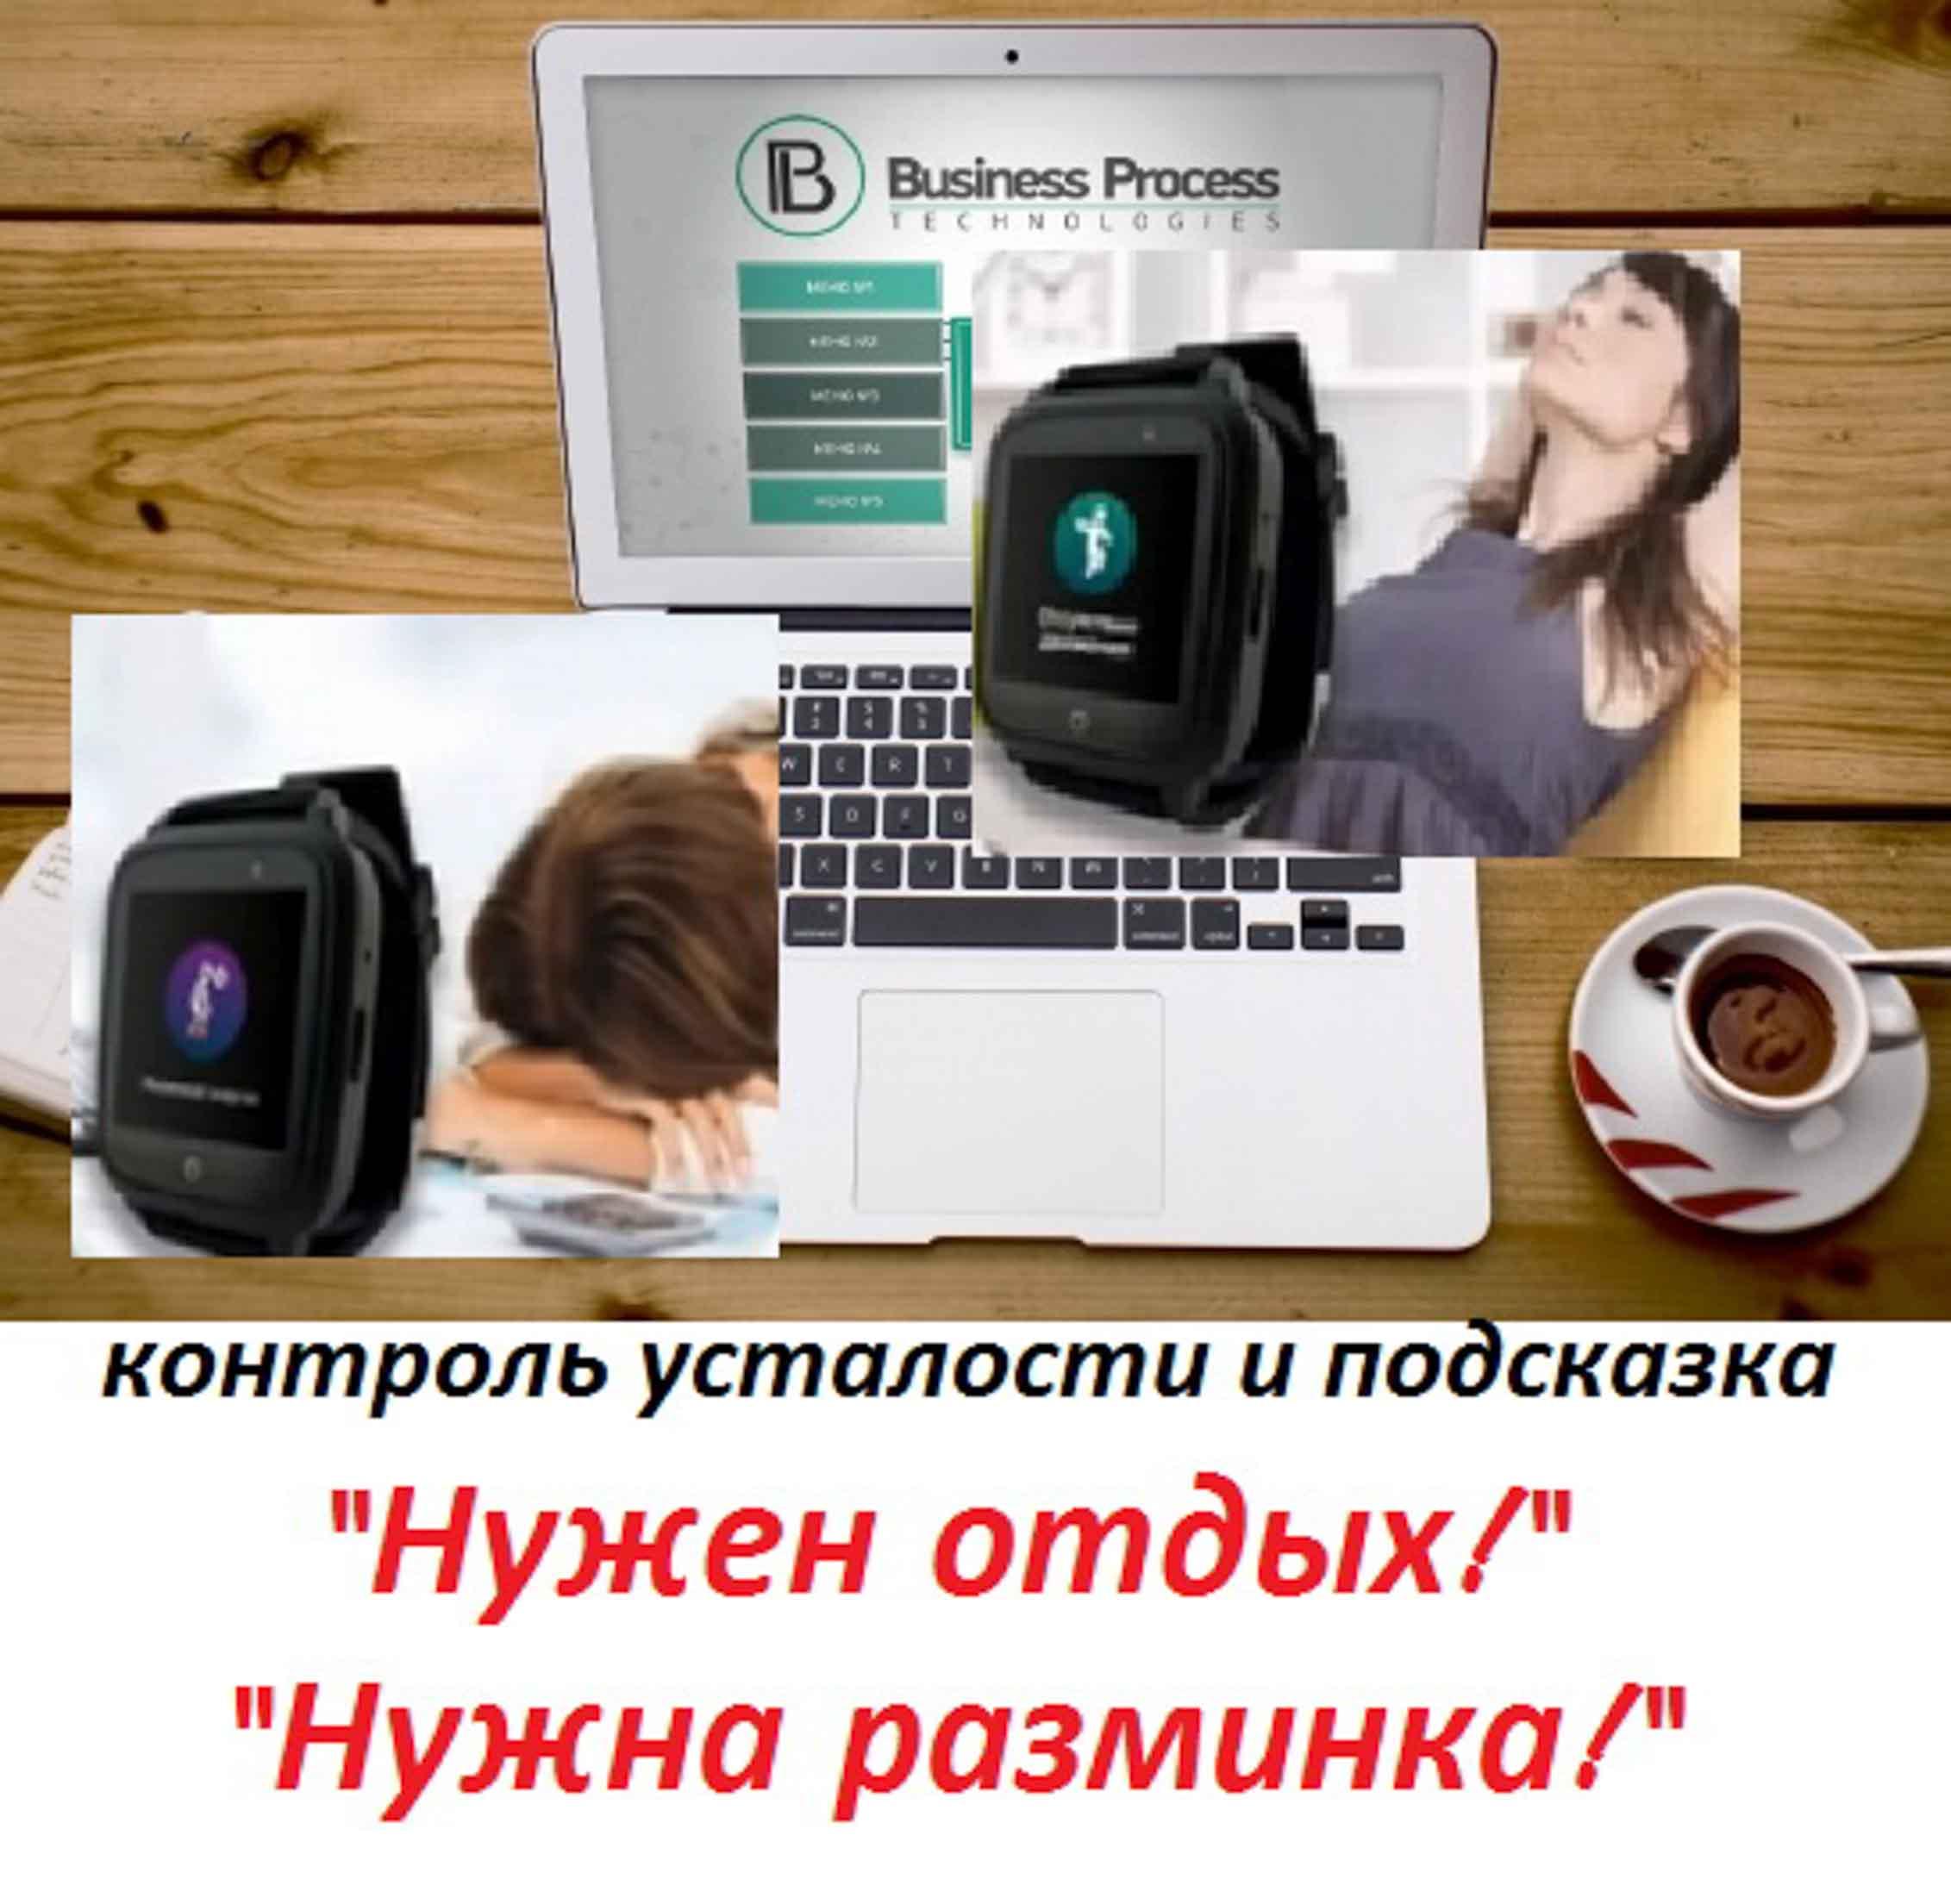 Смарт  часы Life Watch l Здоровье и удобство l Купить в Украине фото 5